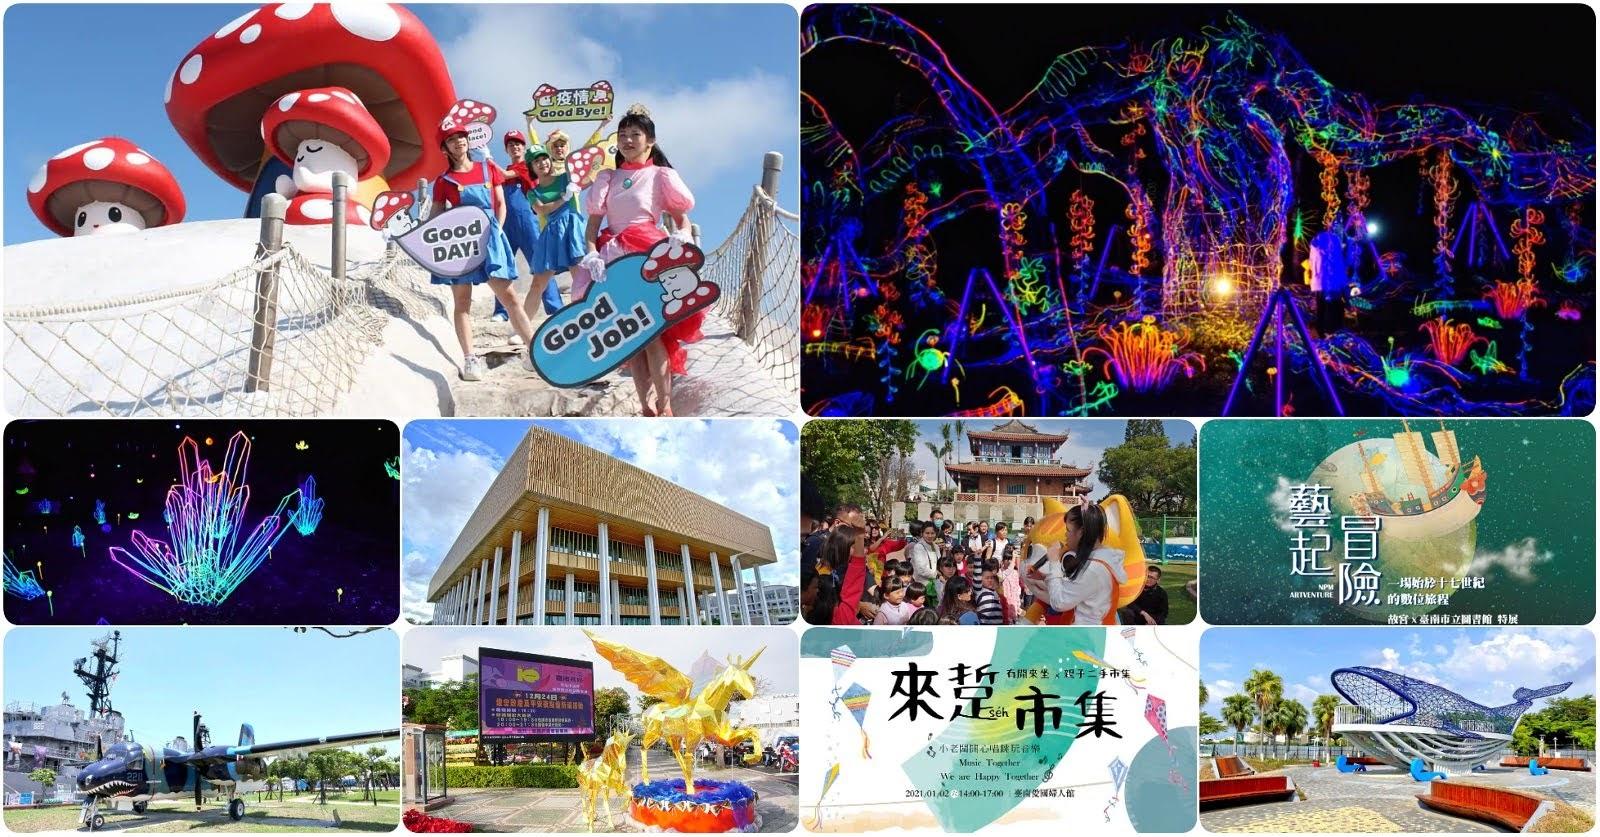 [活動] 2021/1/1-/1/3|台南週末活動整理|元旦連假特別版|本週末資訊數:86